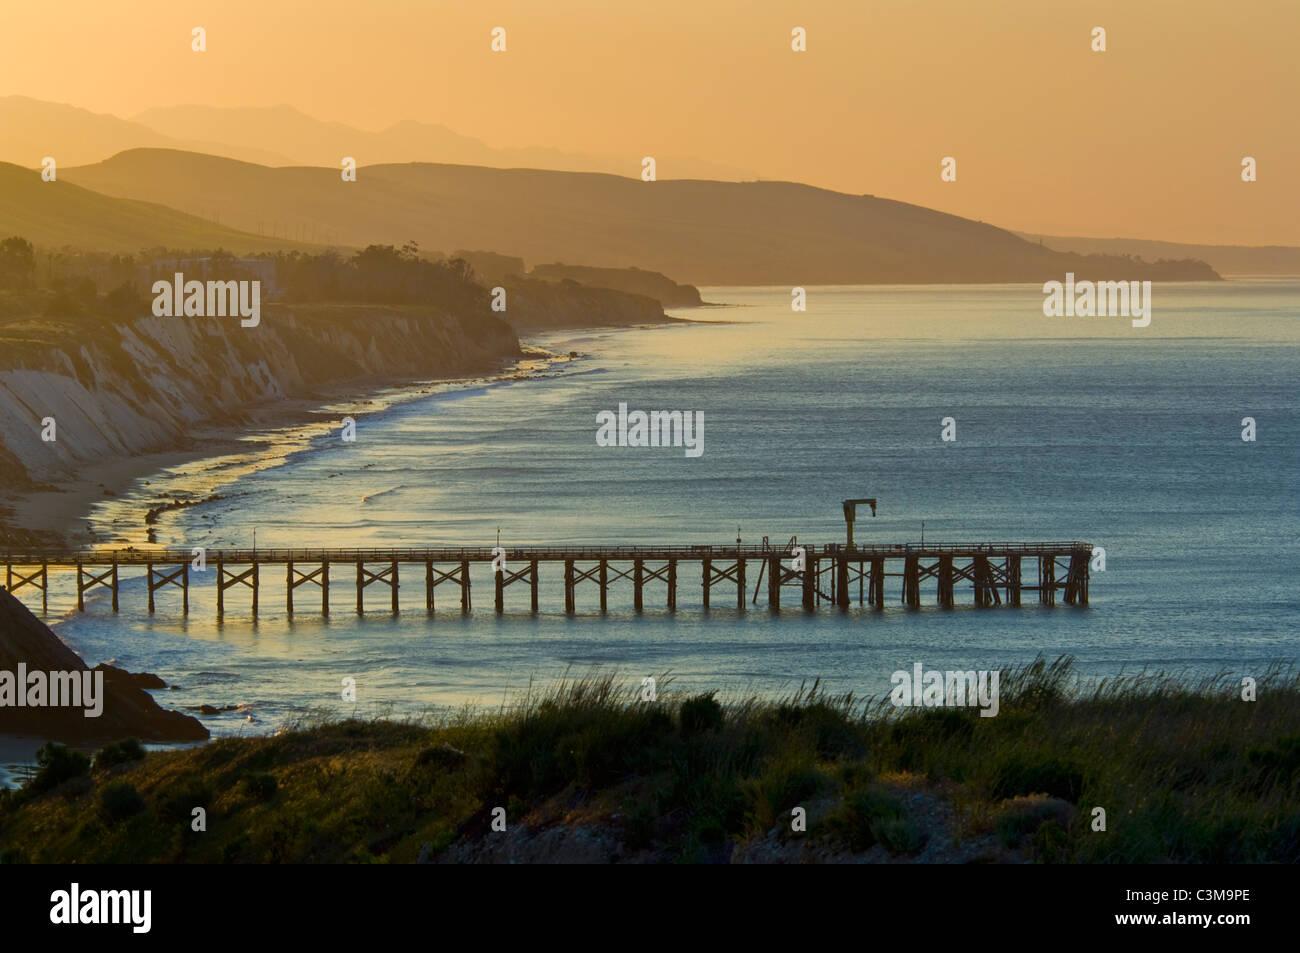 Lever du soleil d or lumière sur les collines côtières, de la jetée, d2c6118a0cec